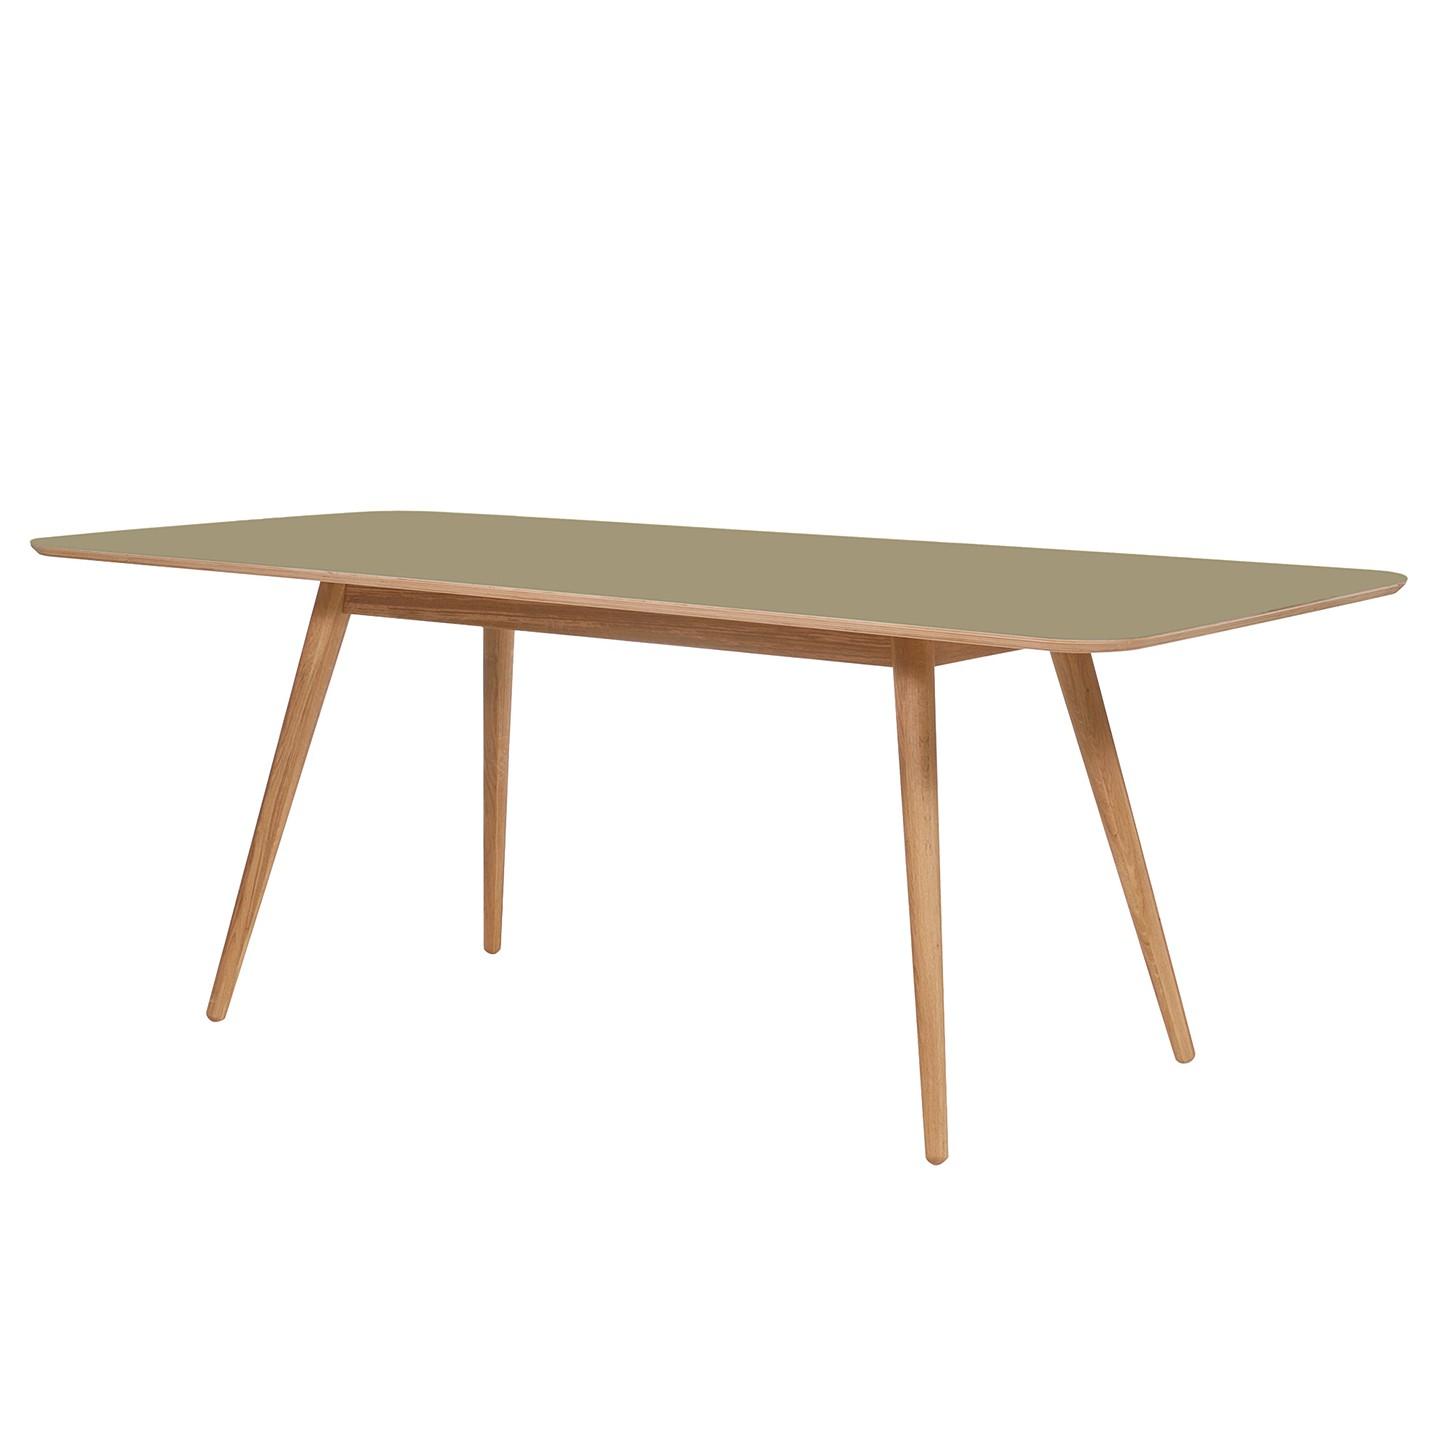 Esstisch Viggo - Eiche teilmassiv / Linoleum - Olivgrün / Eiche - 200 x 90 cm, Studio Copenhagen